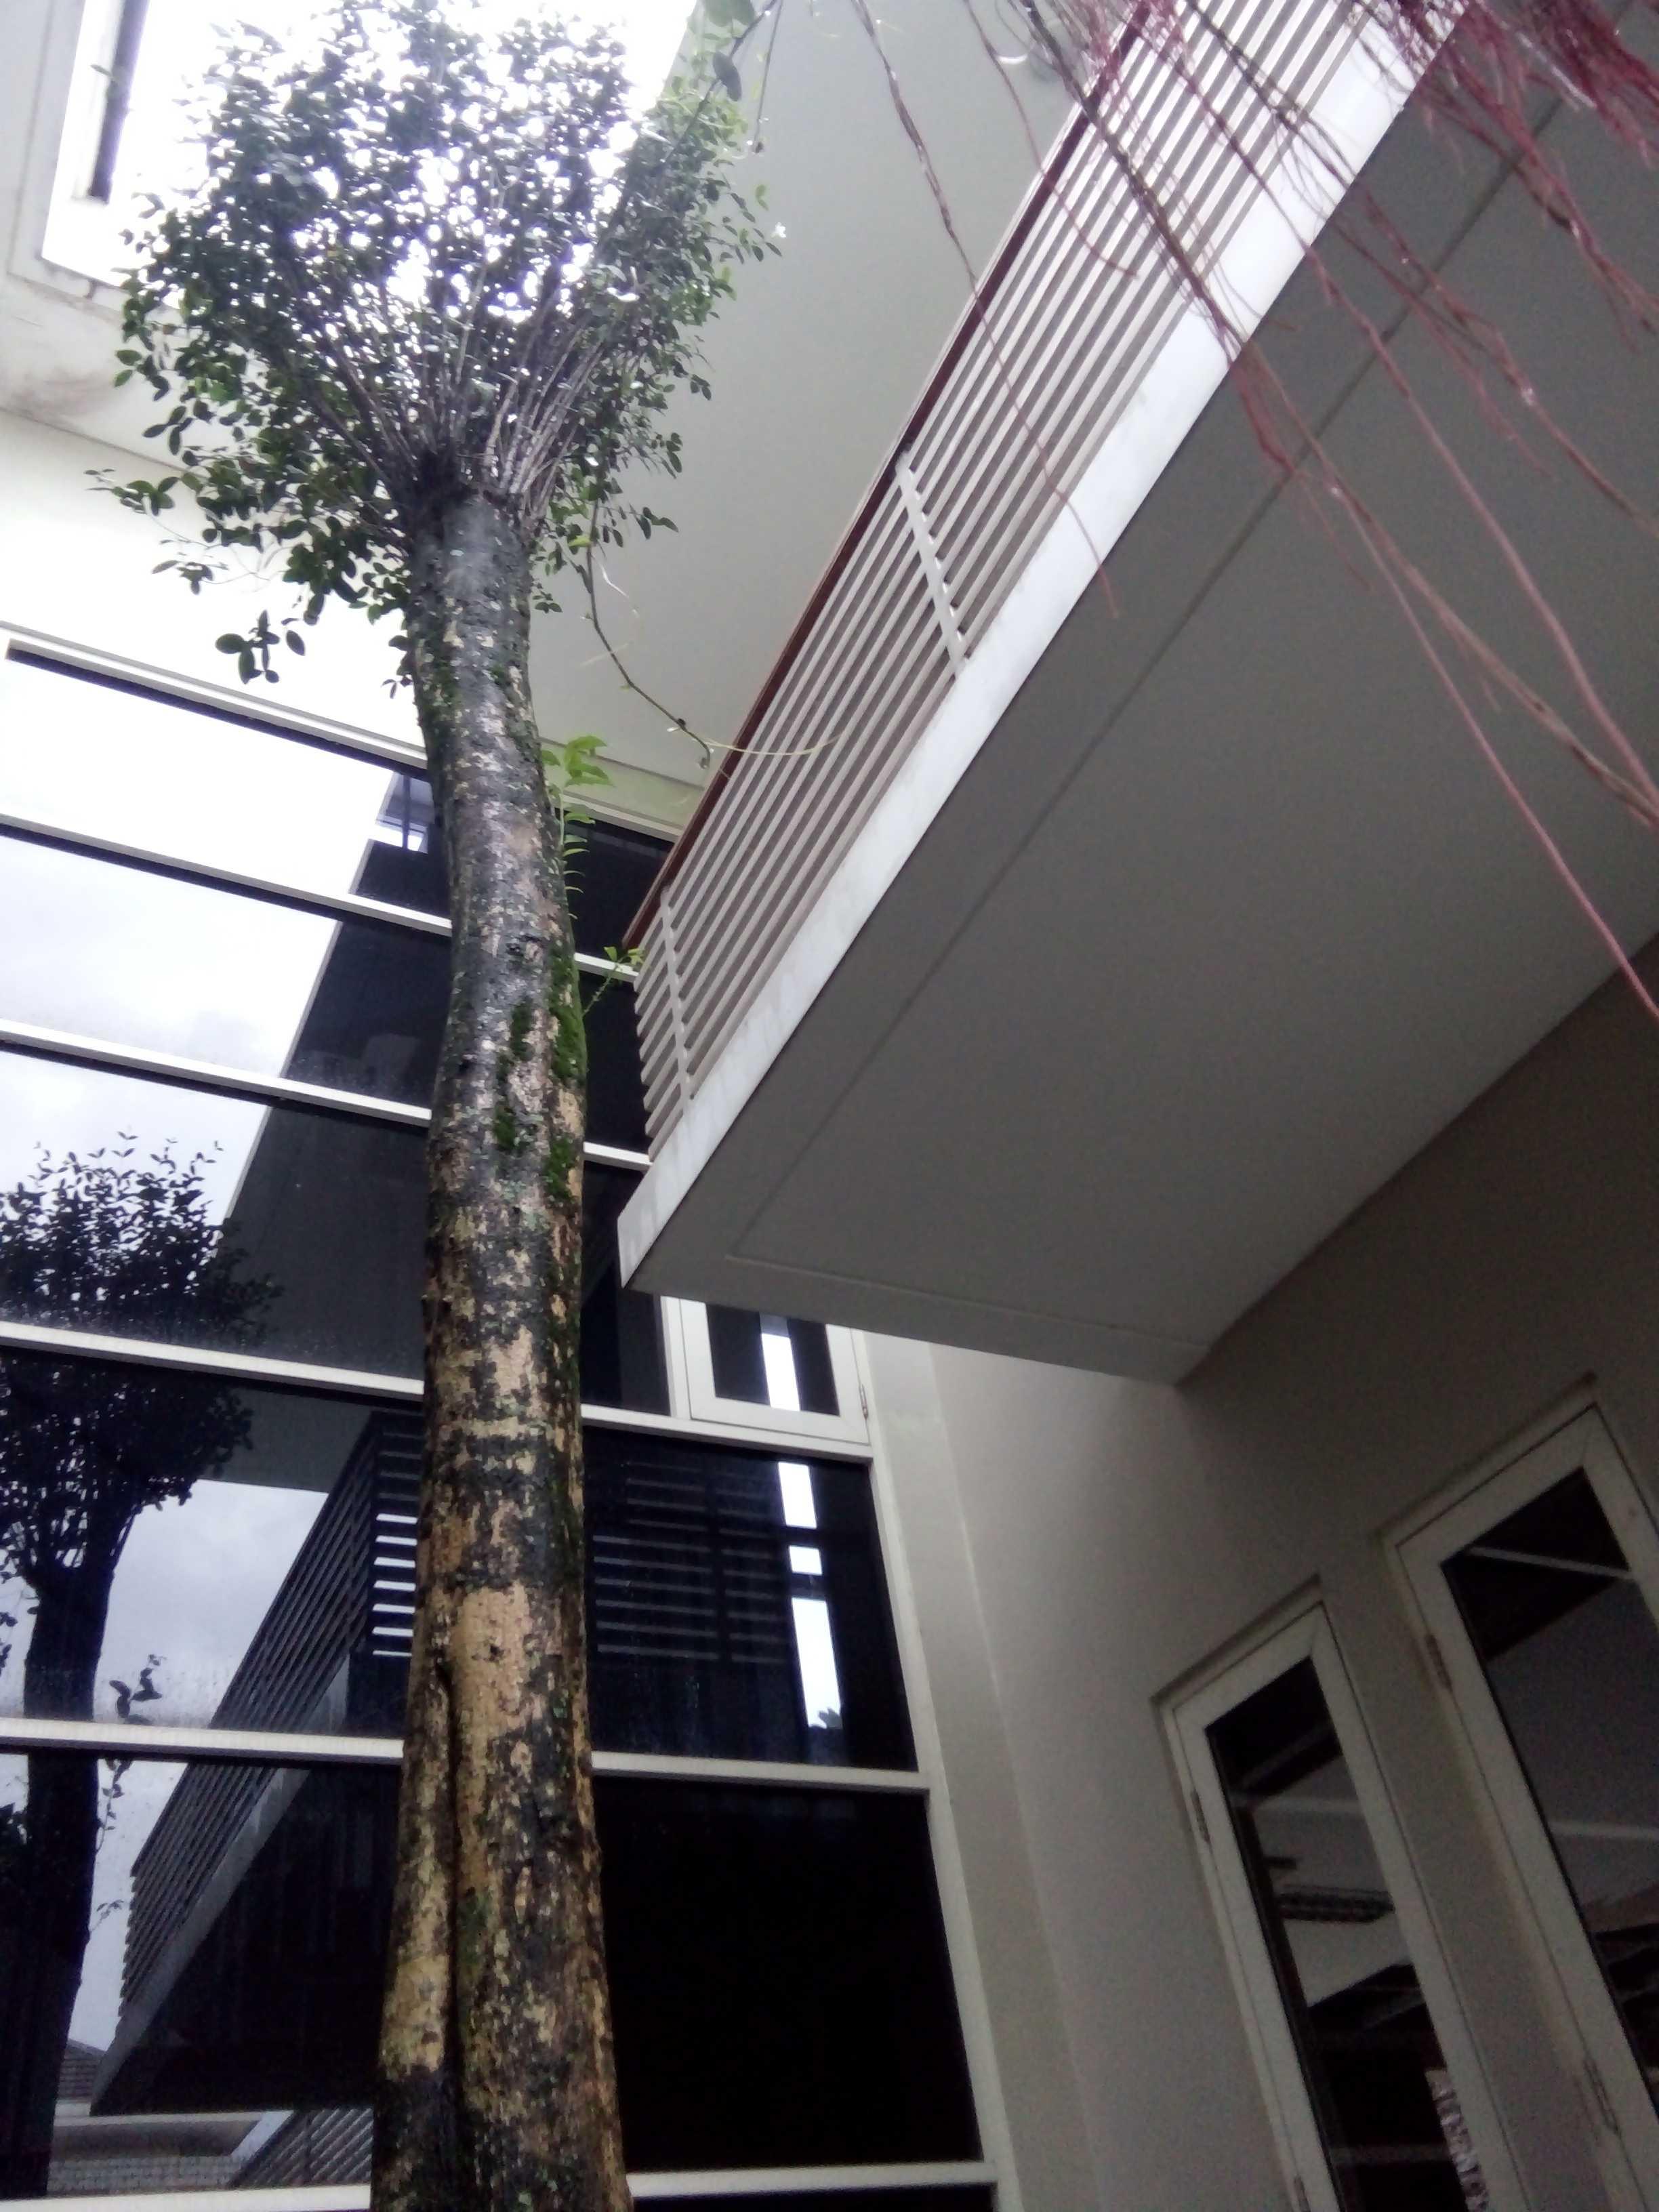 Aditya Wijaya / Studio Indirakasa 11 House Yogyakarta Yogyakarta Exterior Detail Kontemporer  17385